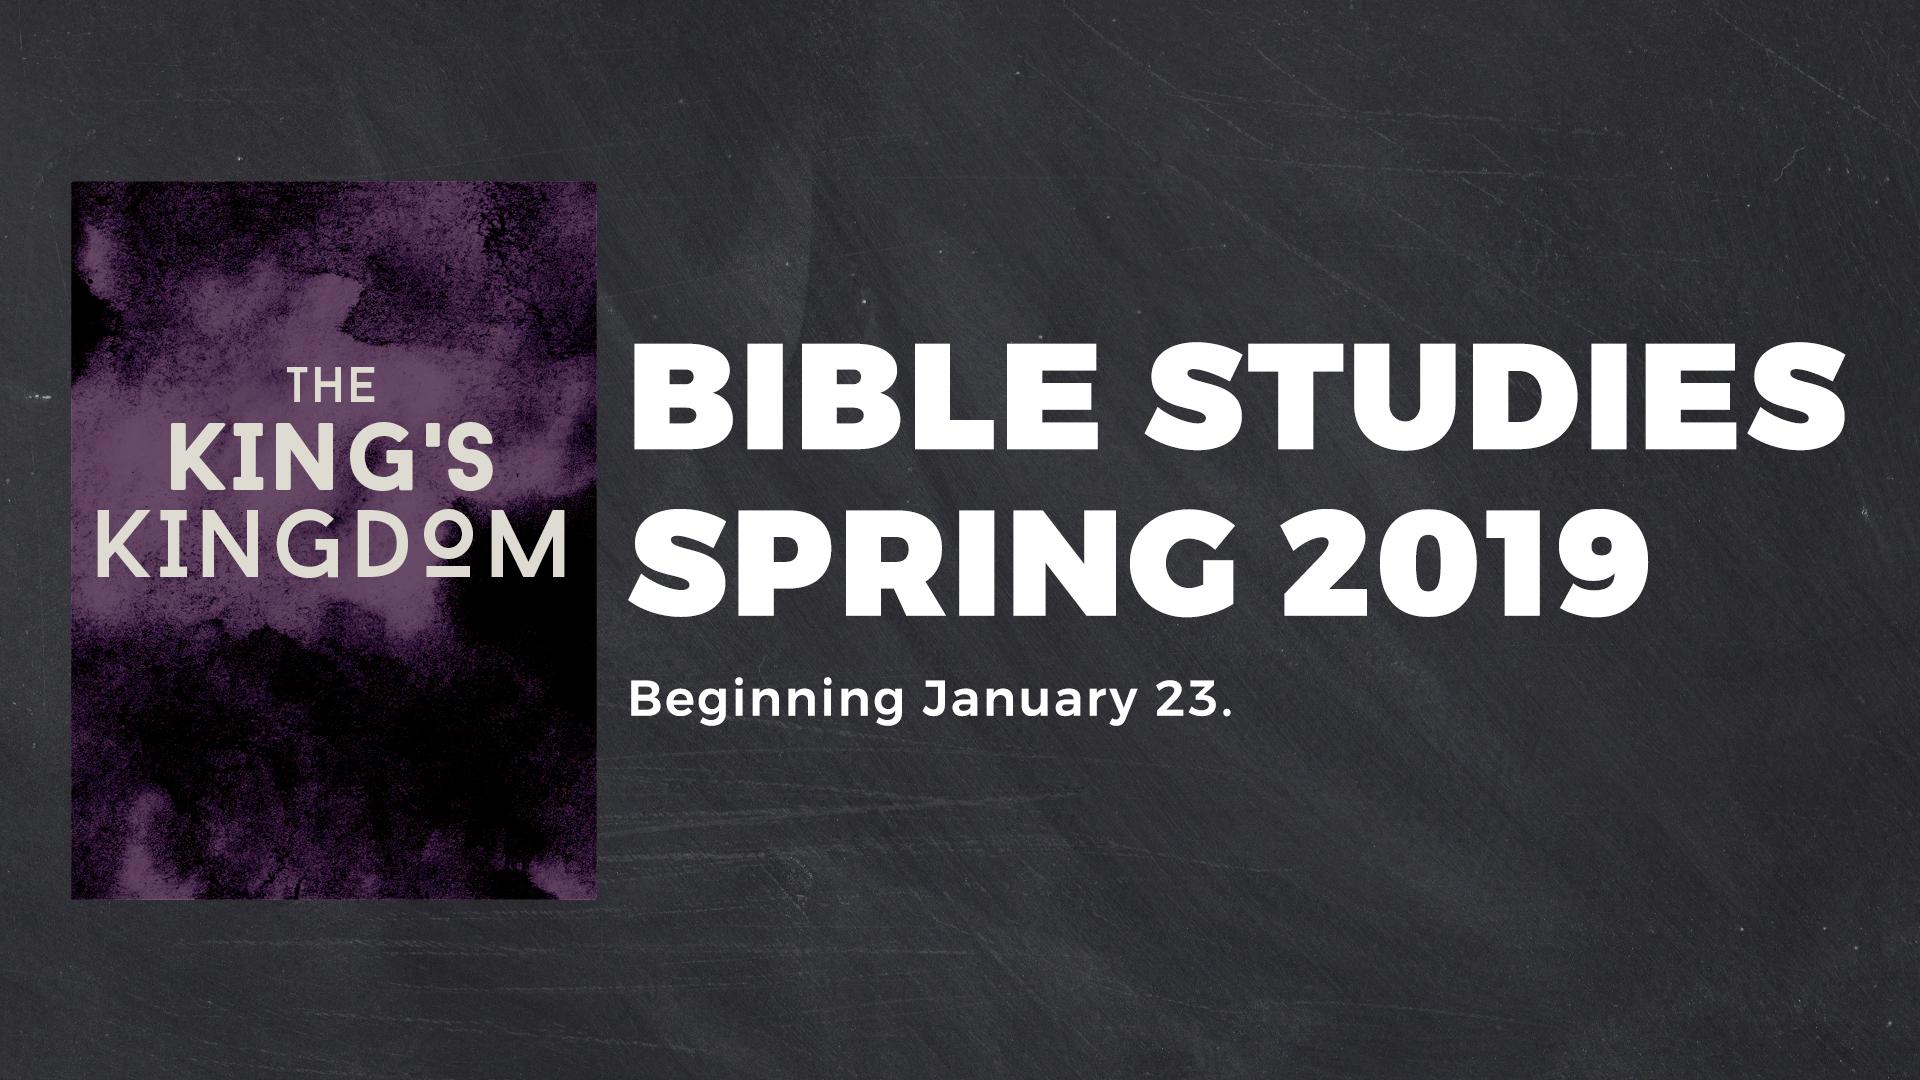 Bible studies_menrego.jpg